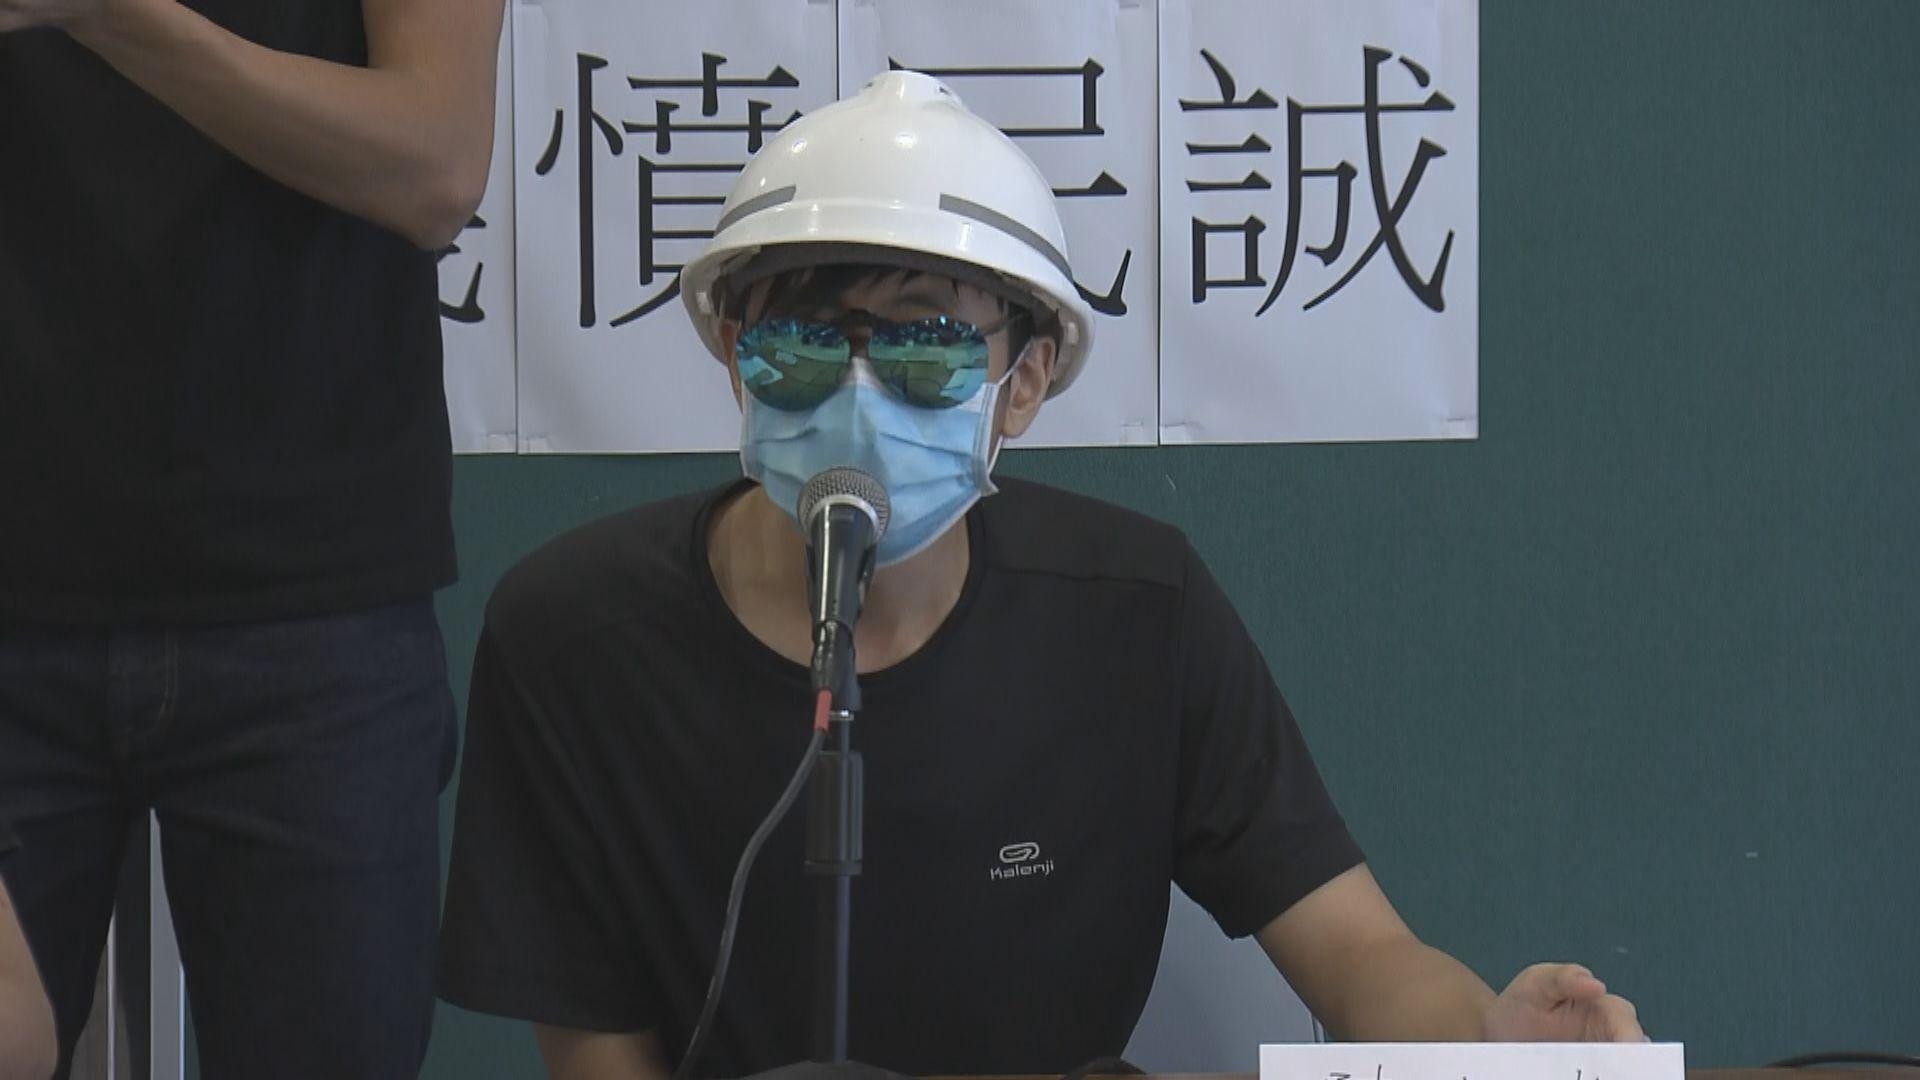 民間記者會:林鄭應到示威現場聆聽訴求